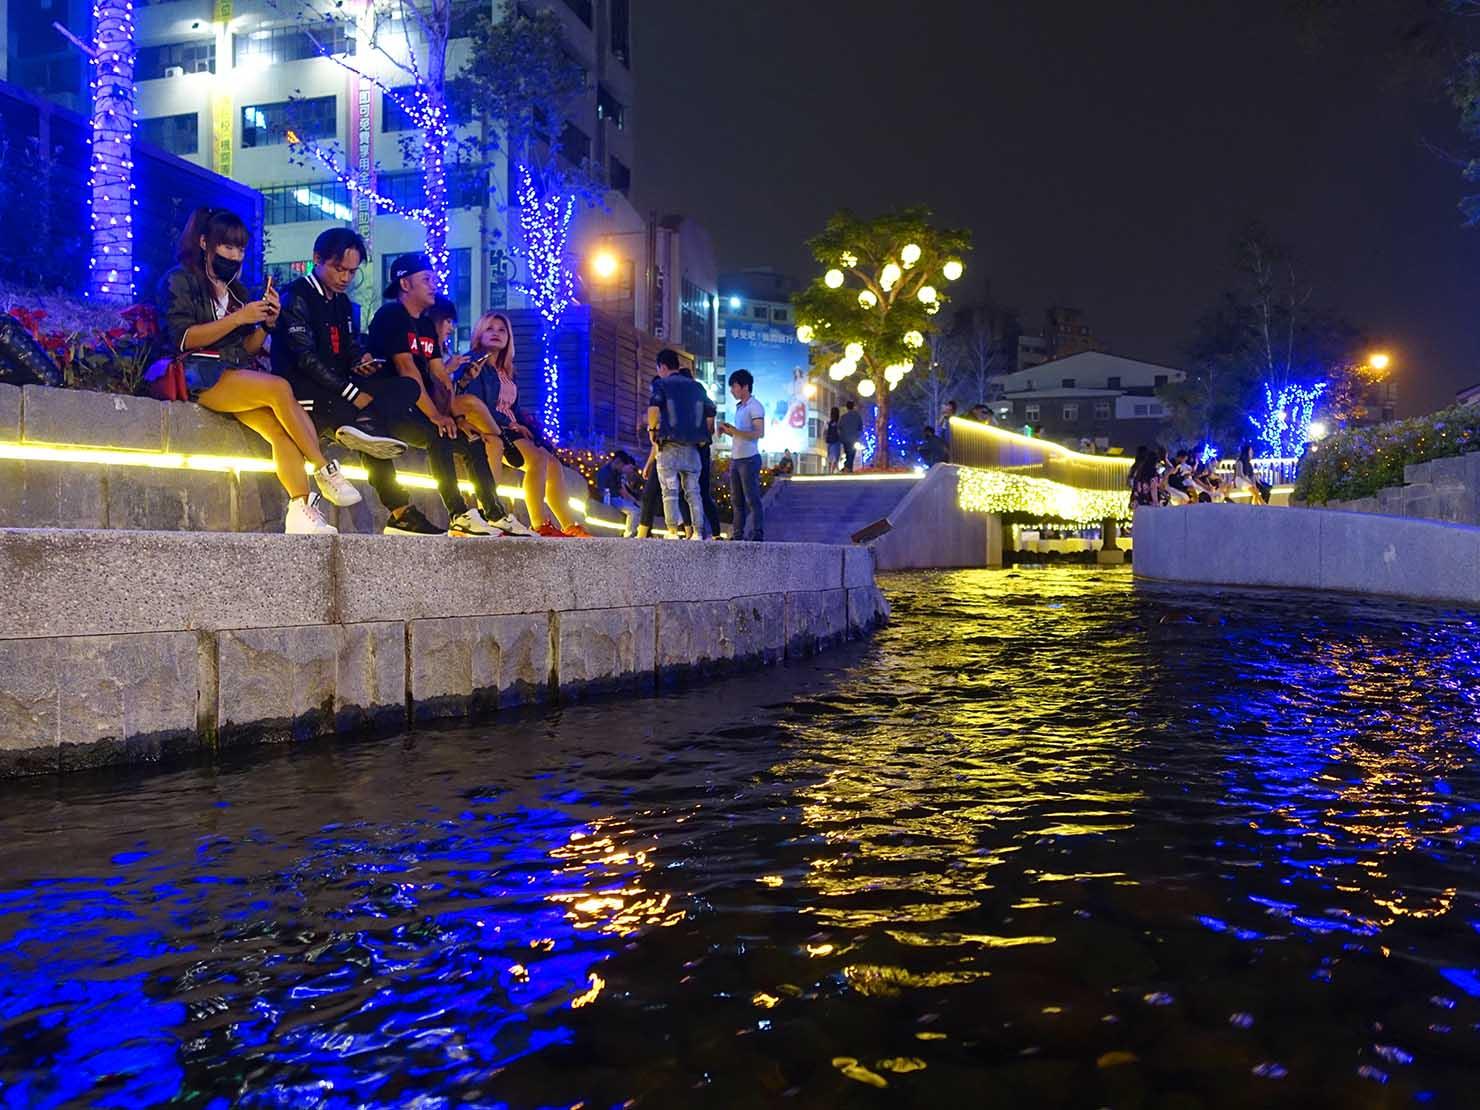 台中観光のおすすめスポット「綠川水岸廊道」でくつろぐ人々